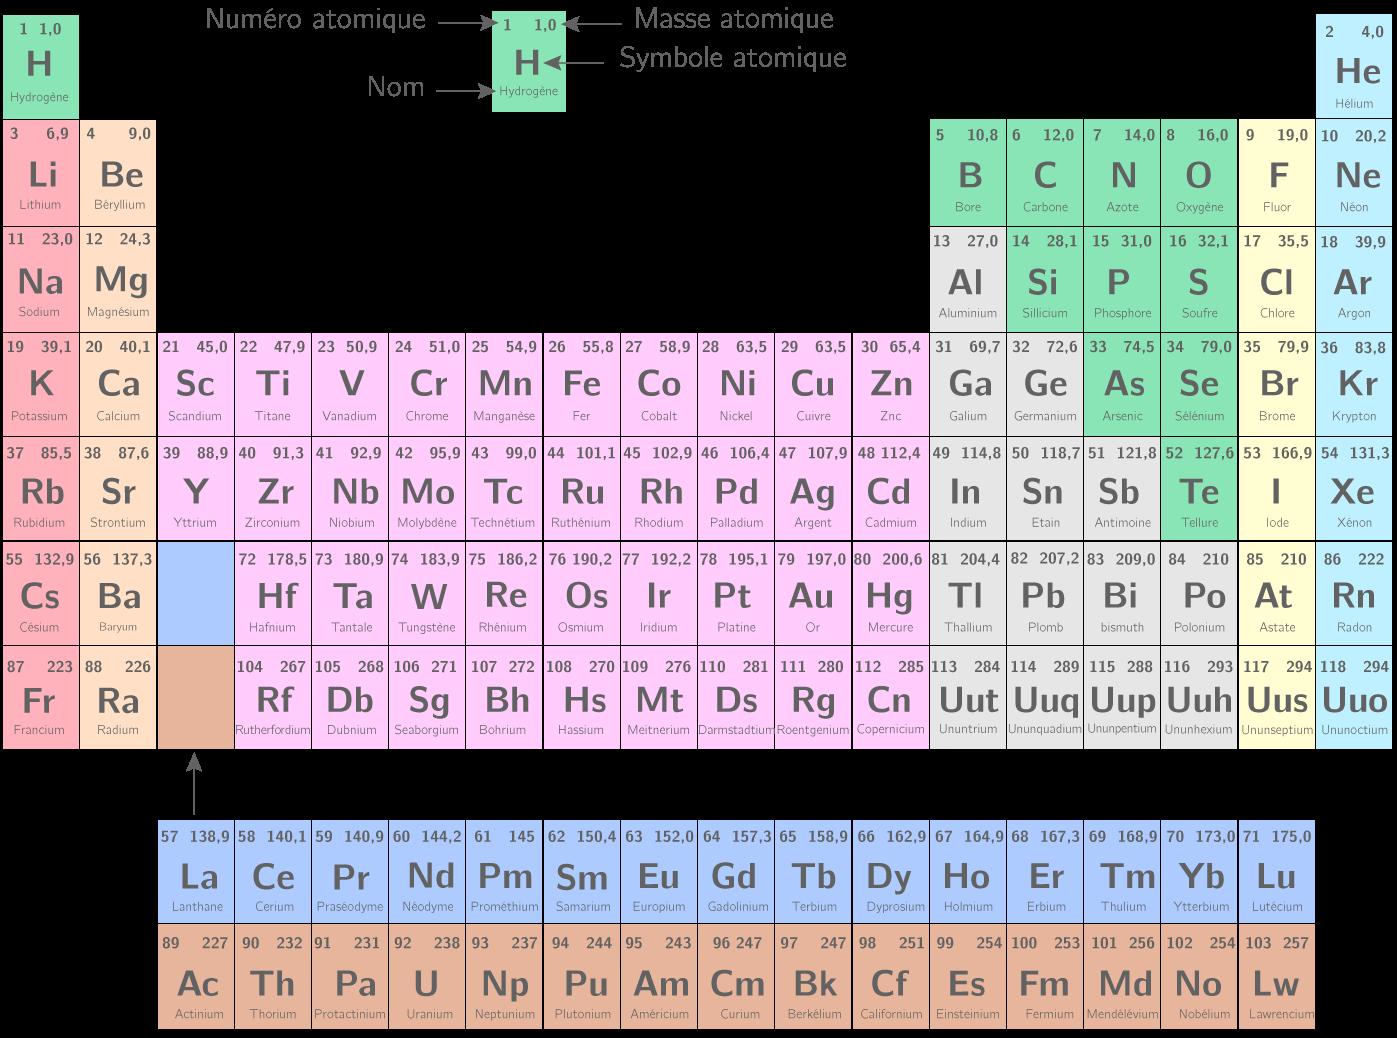 Kartable 1 re s physique chimie sp cifique cours for N tableau periodique